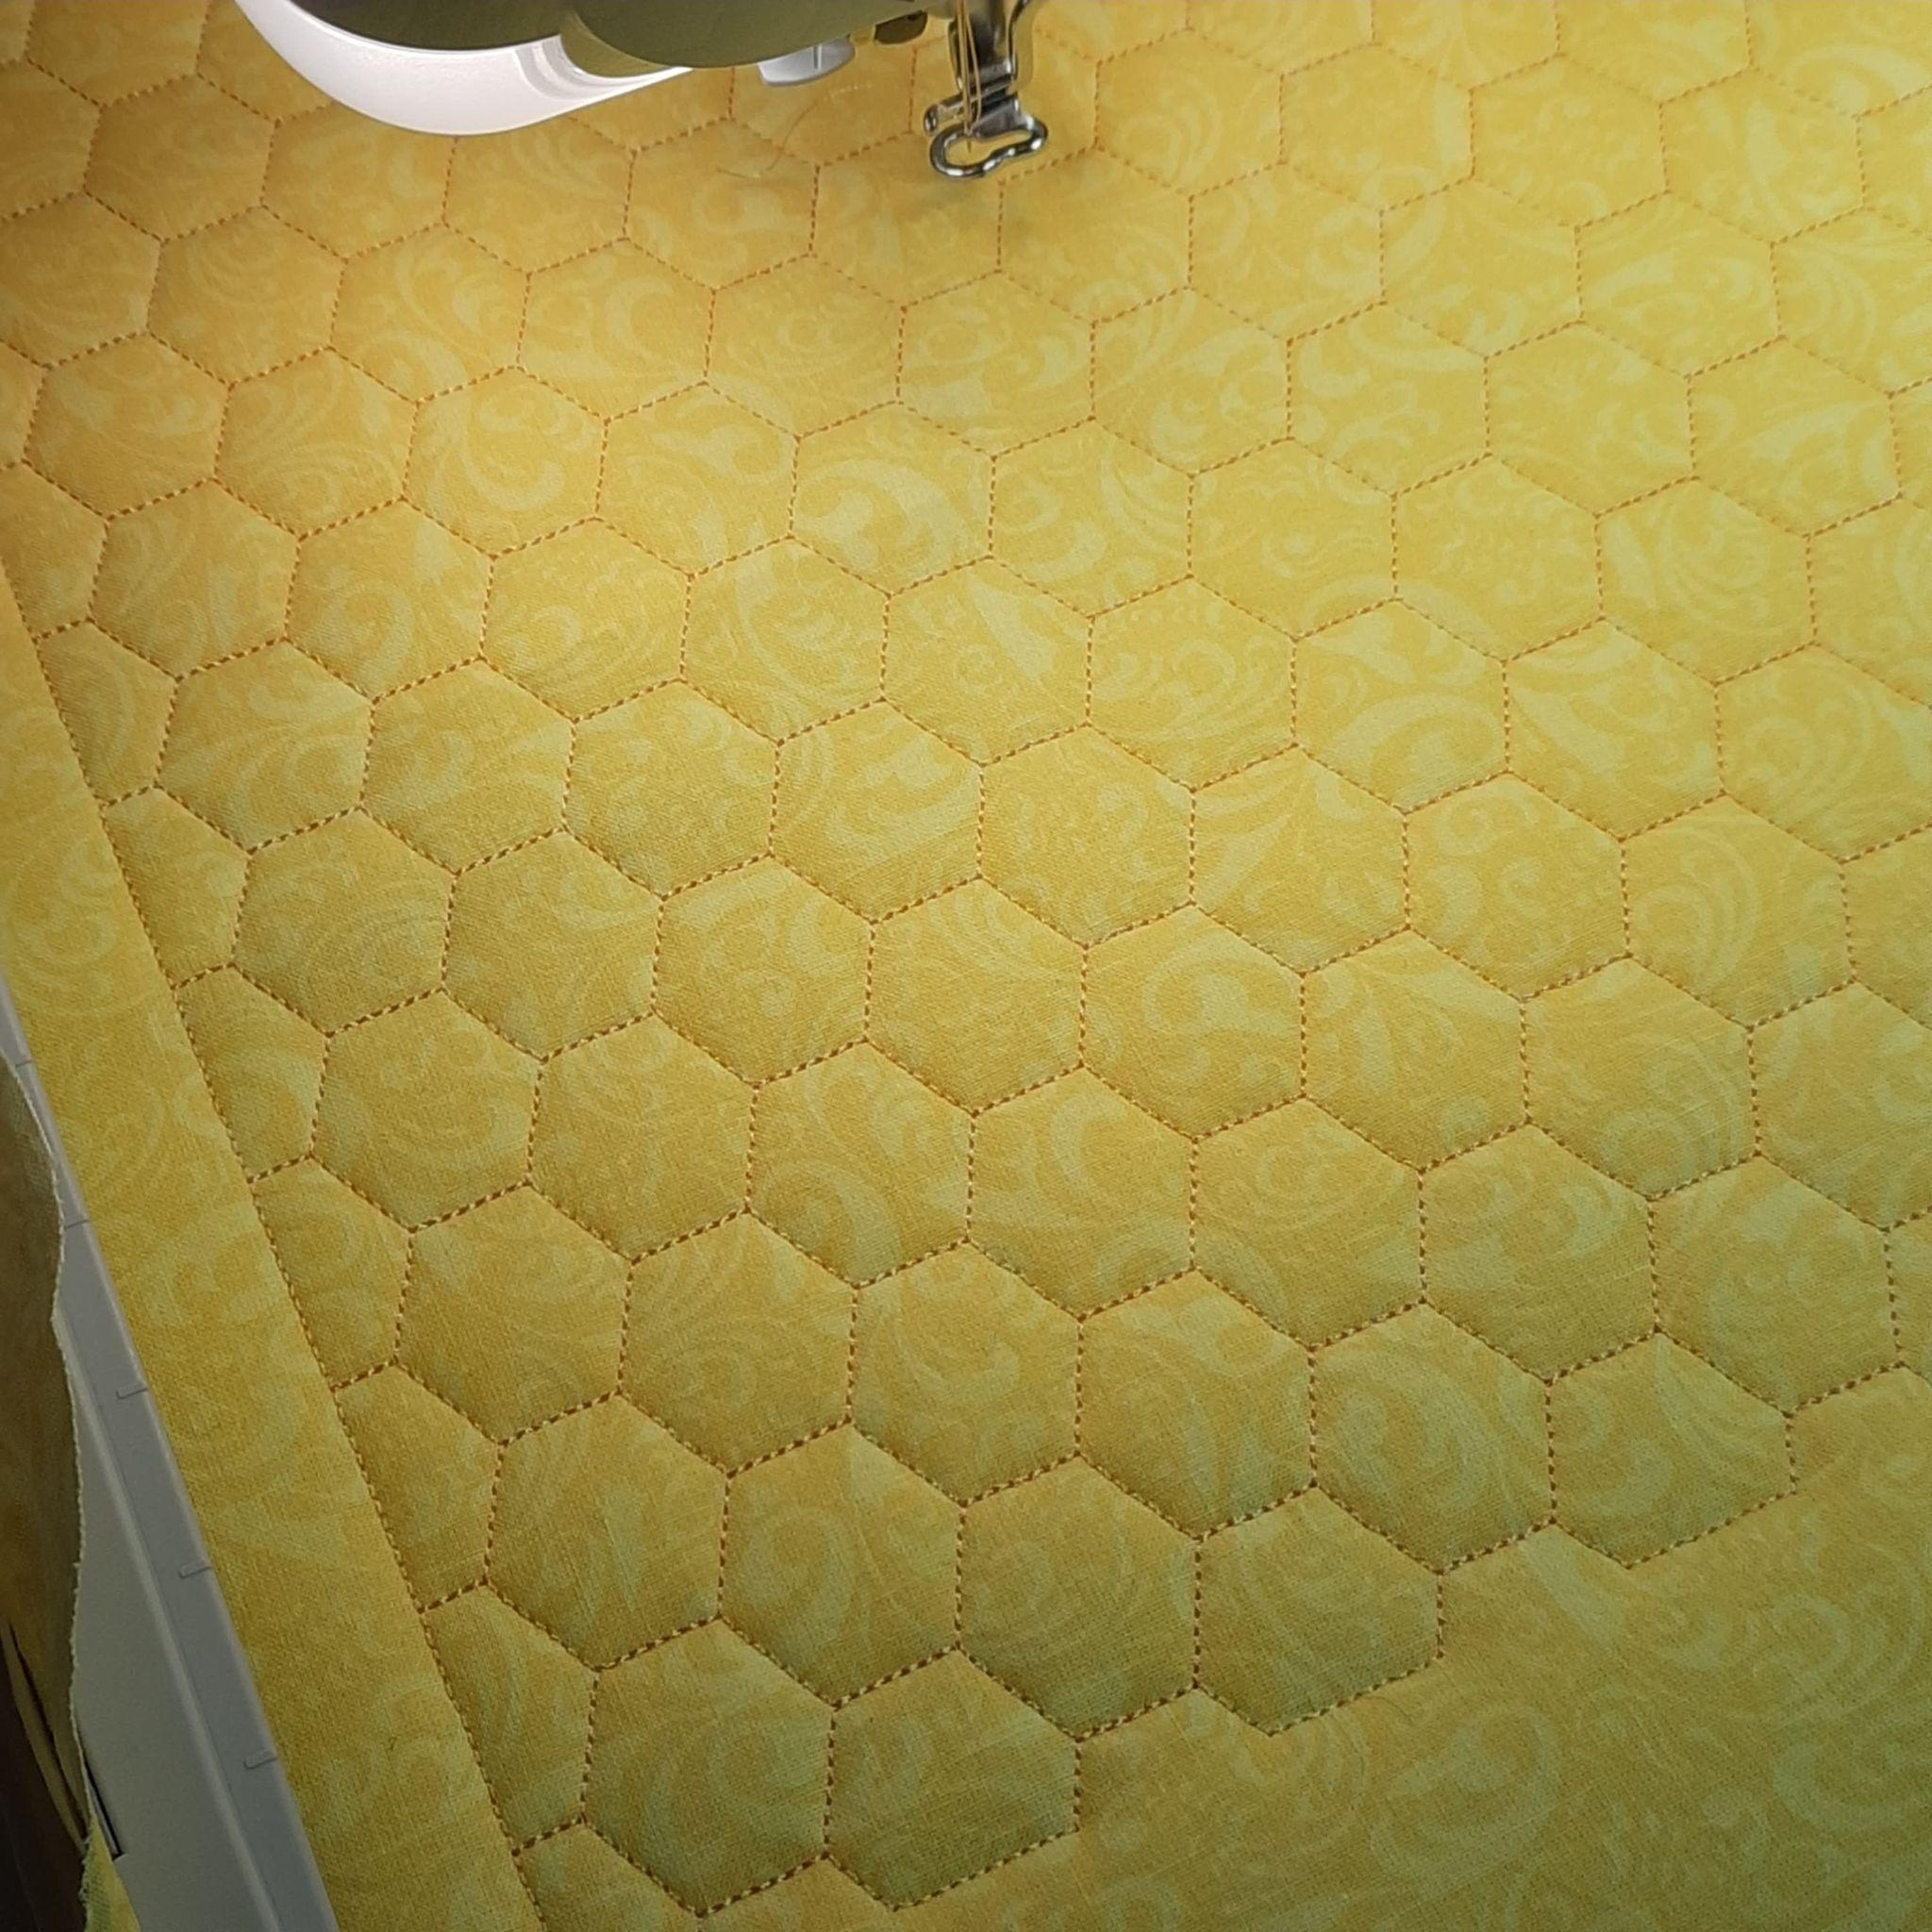 BERNINA V8: Musterfüllstiche verwenden und selbst erstellen